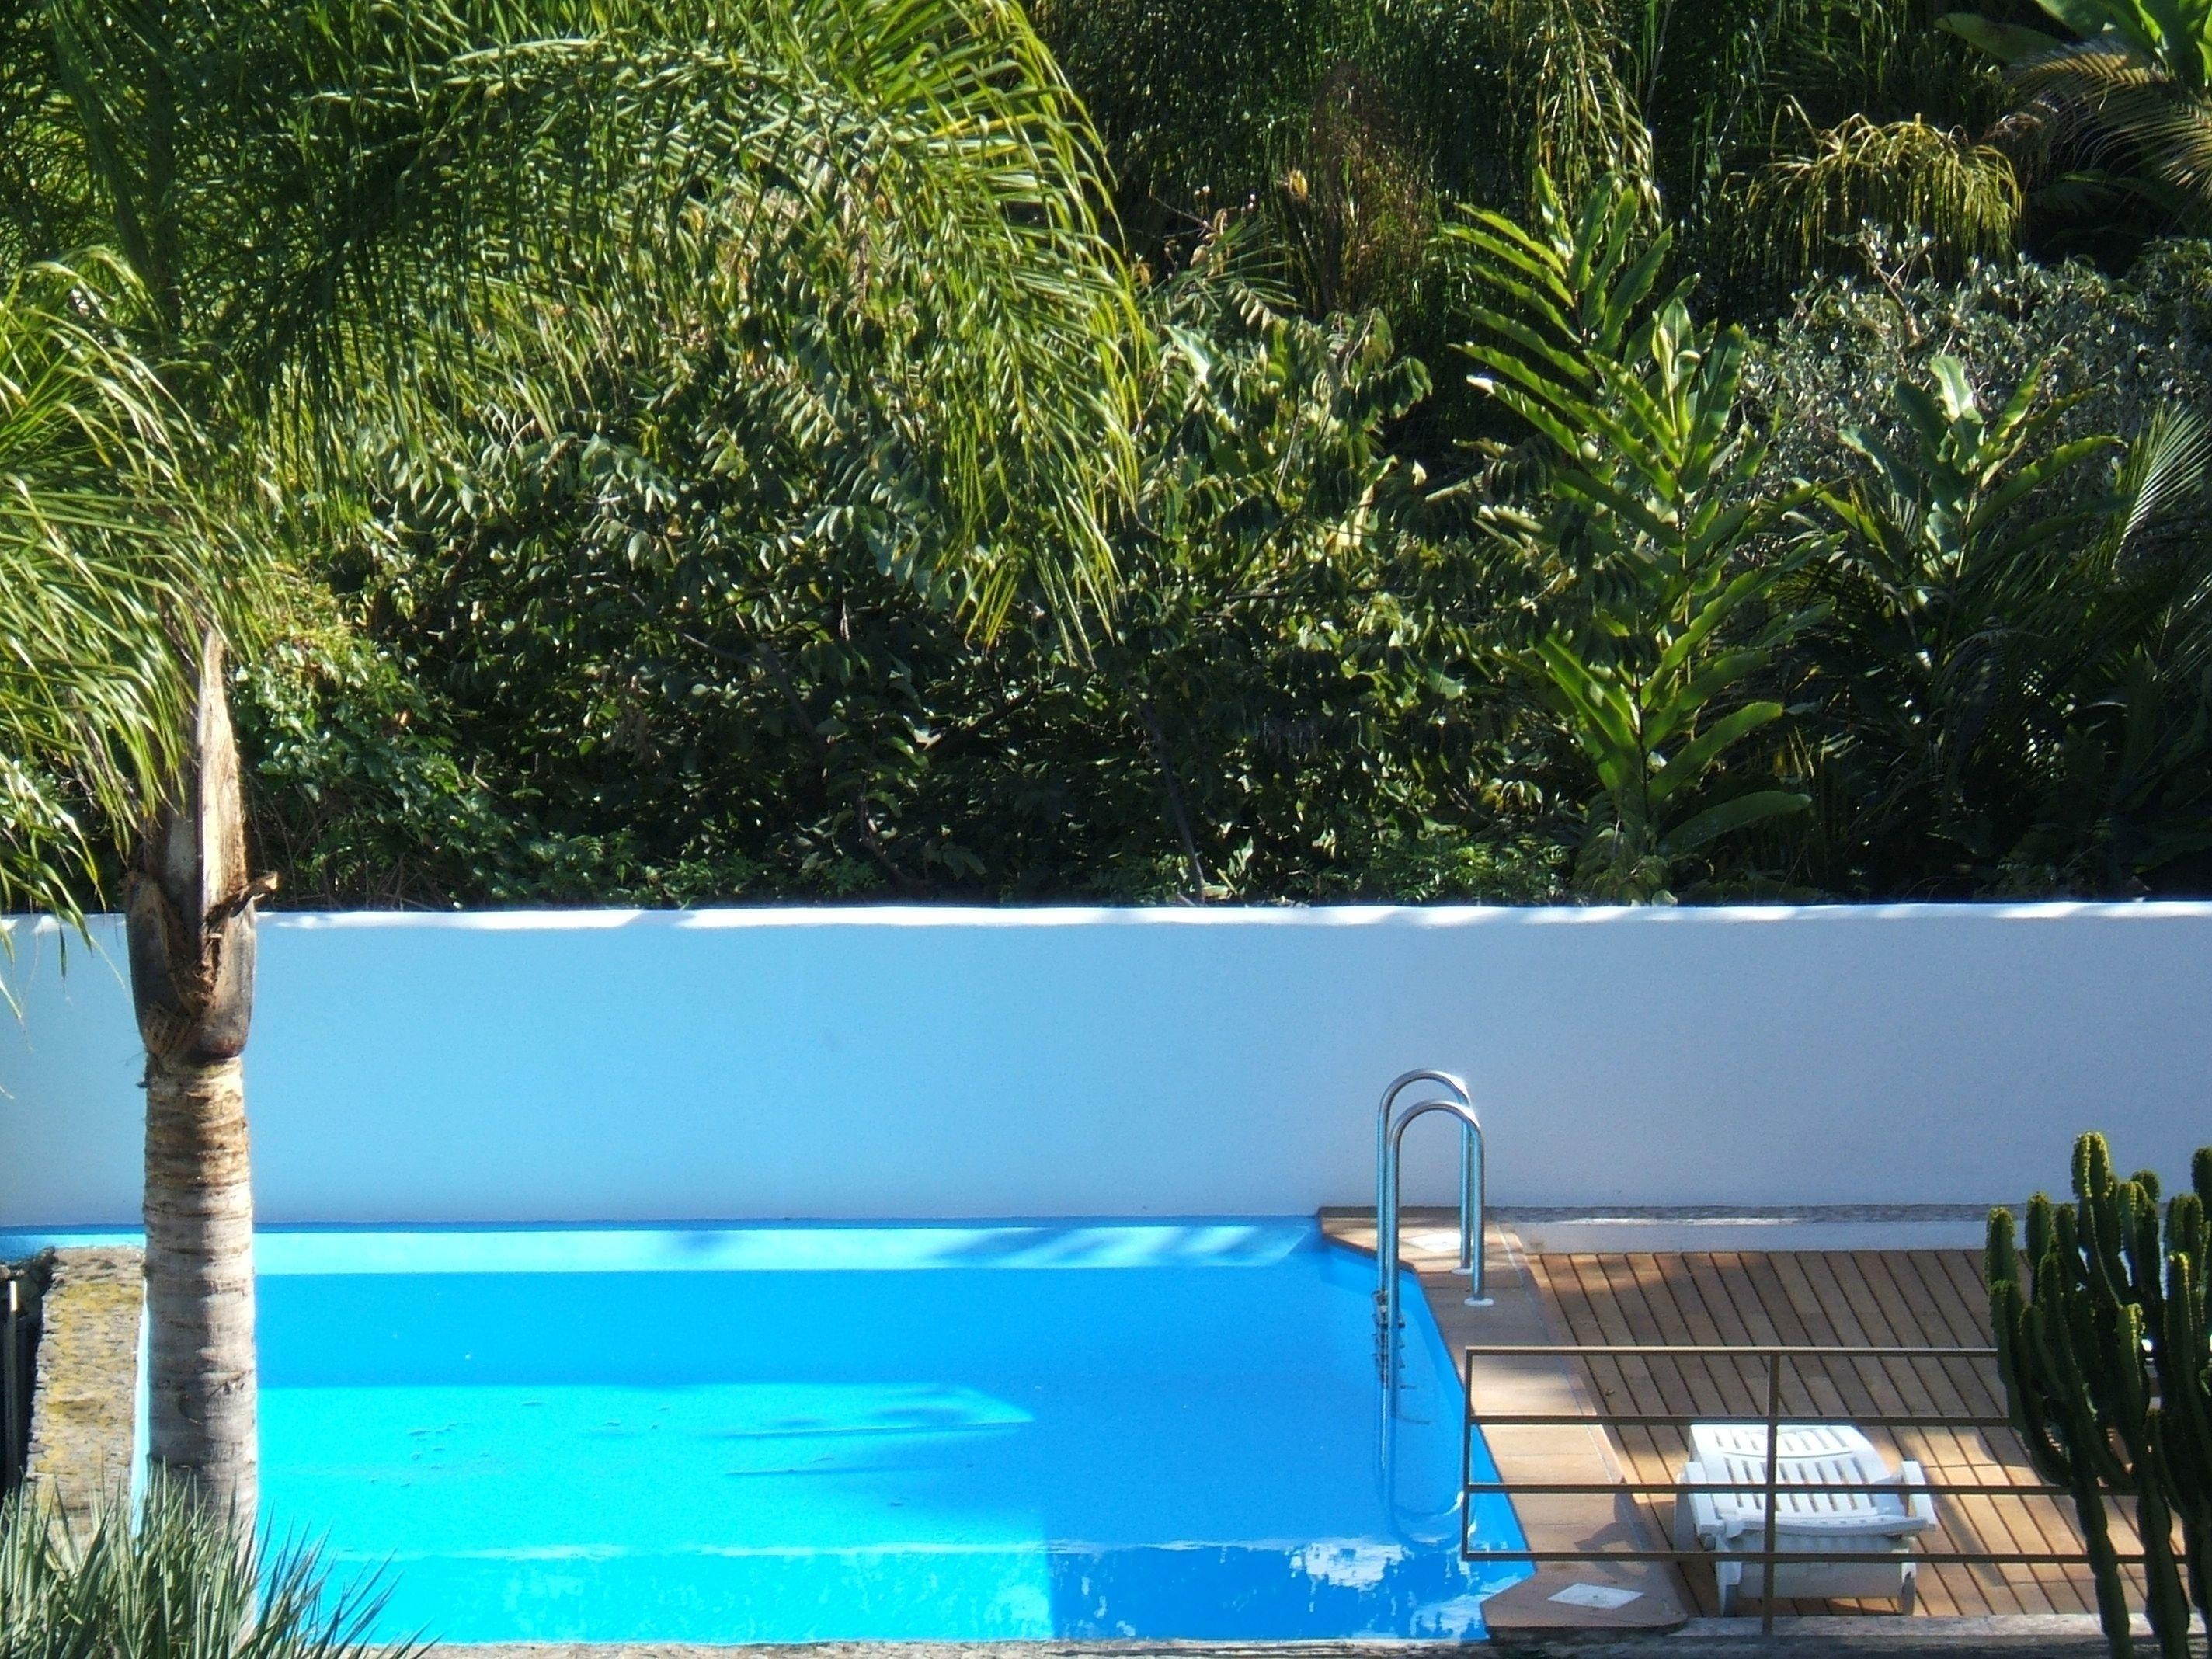 Appartement de vacances Fewo Rocamar, auf dem Felsen über dem Meer mit toller Sicht, 2 Terrassen, Pool, Grill und  (2492985), Santa Ursula, Ténérife, Iles Canaries, Espagne, image 23